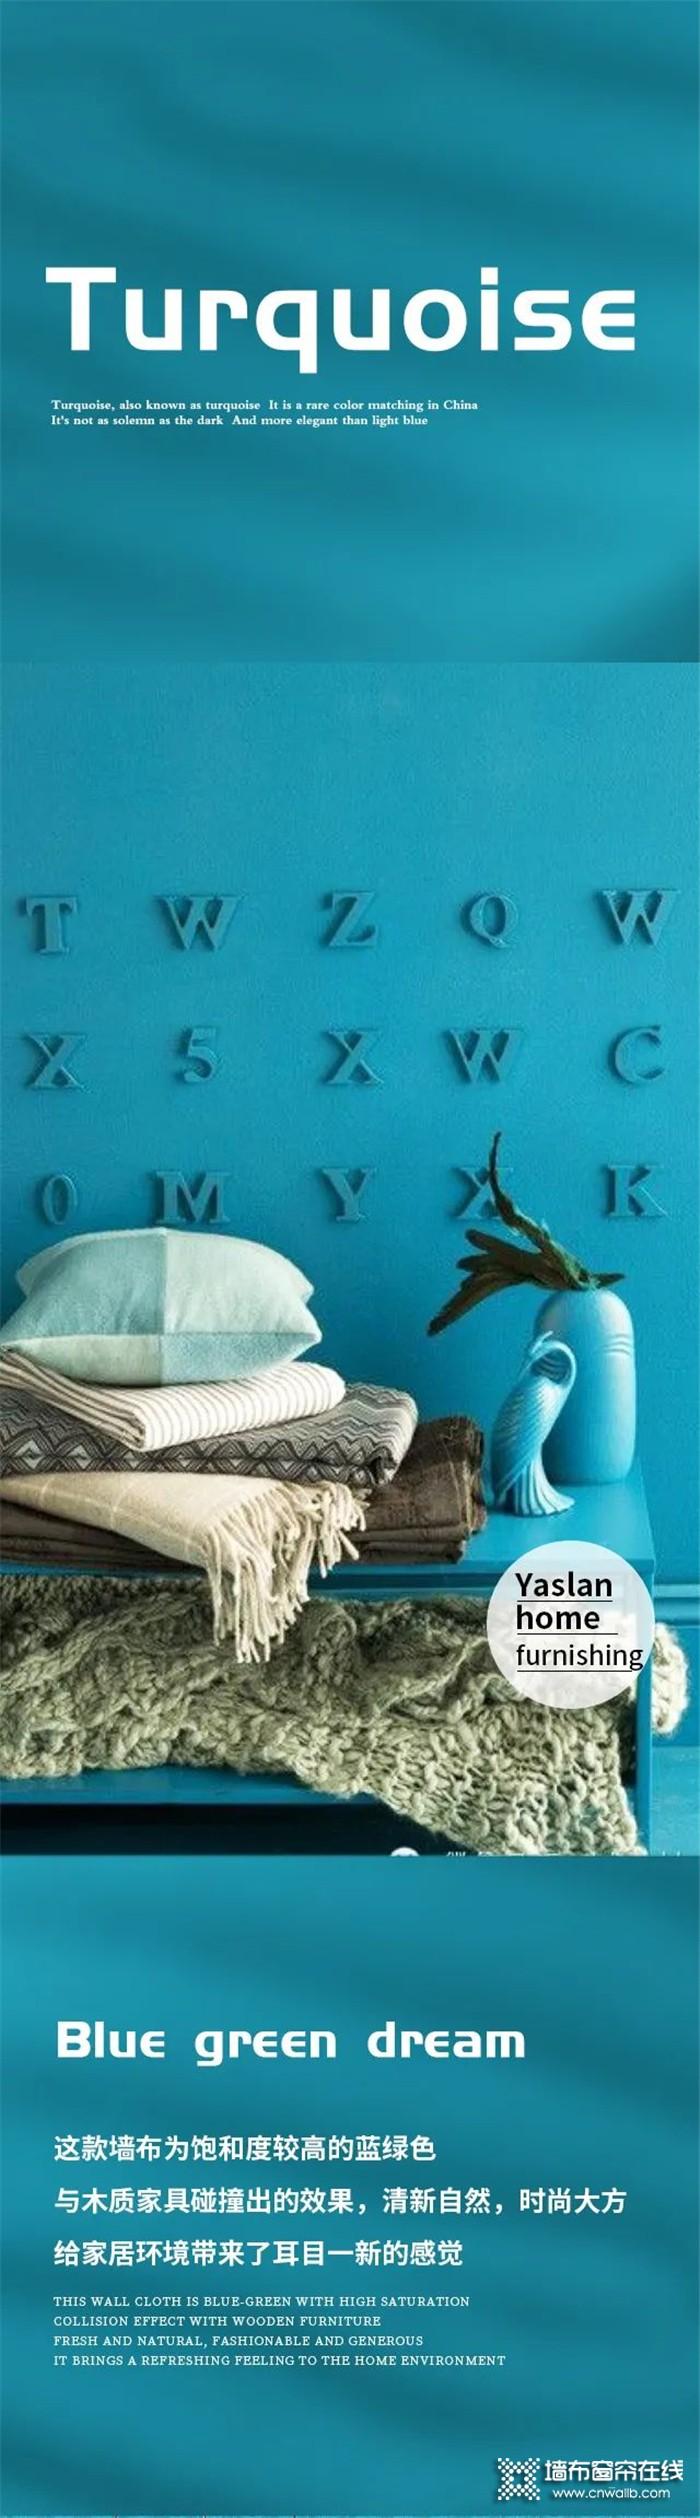 【YaSLAN墙布窗帘】和雅诗澜一起做一个蓝绿色的梦 爱上天马行空的自由